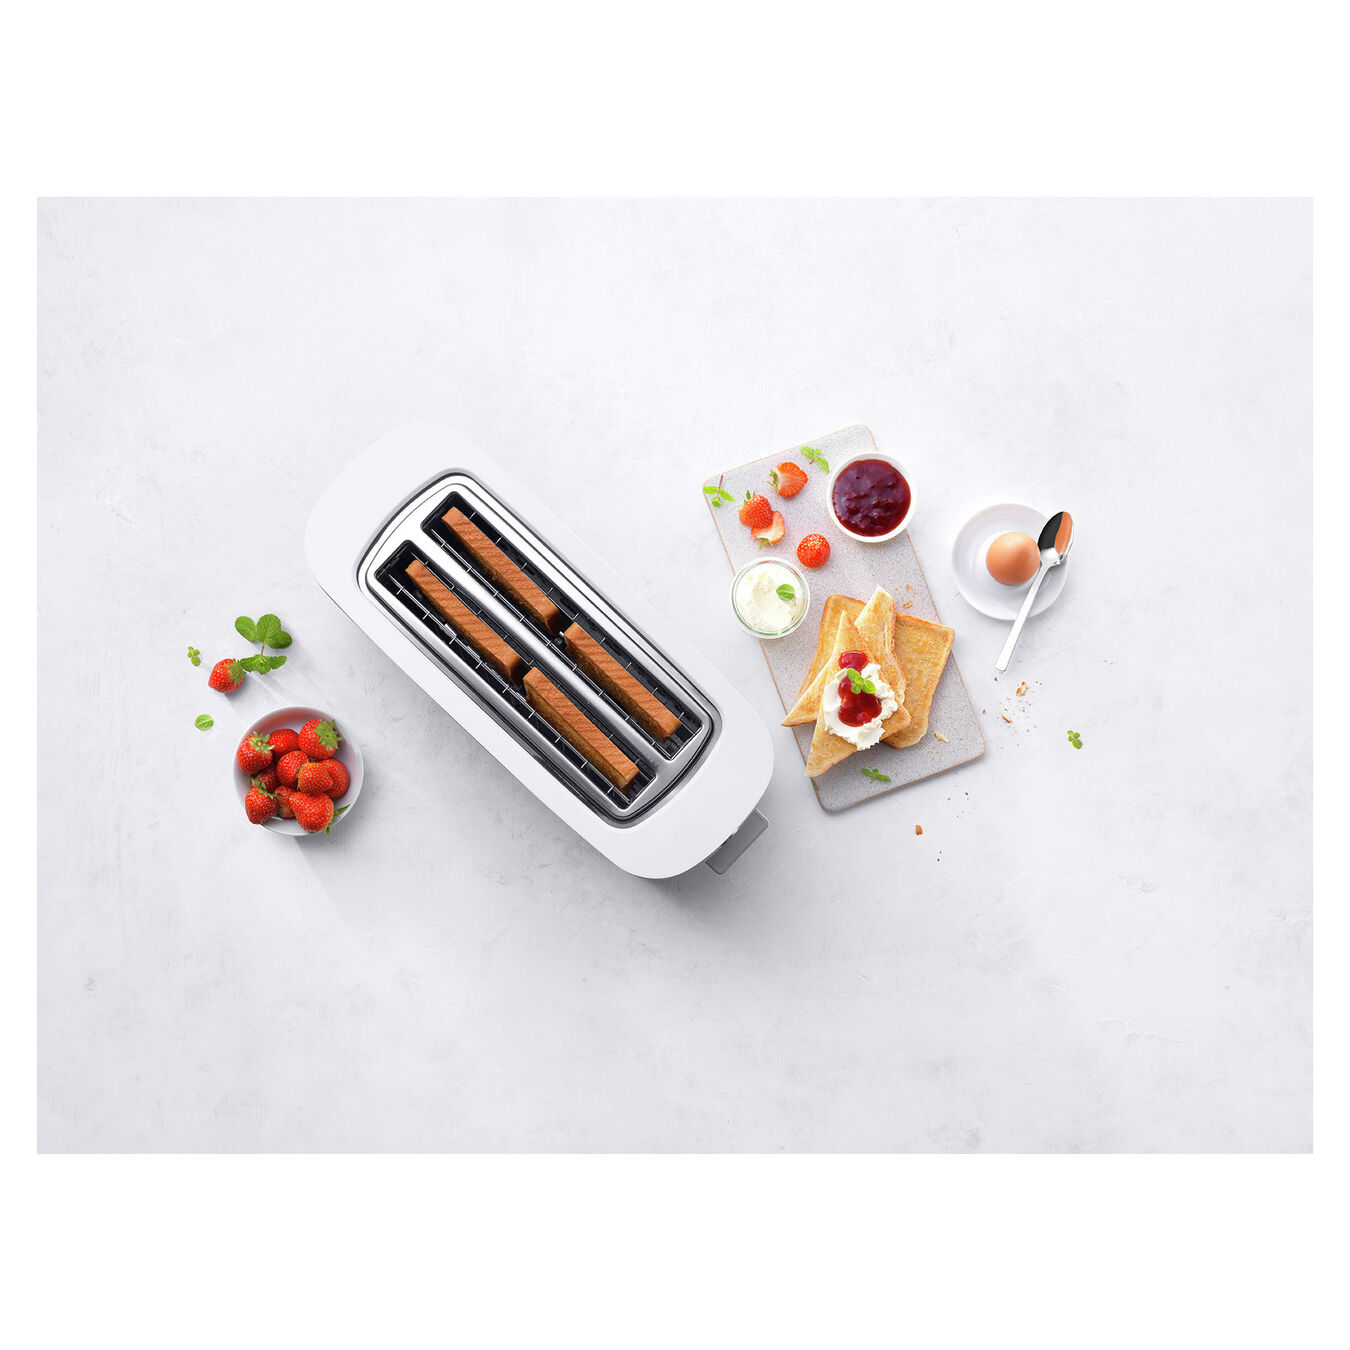 Ekmek Kızartma Makinesi çörek ısıtıcılı | 2 yuva 4 dilim,,large 4